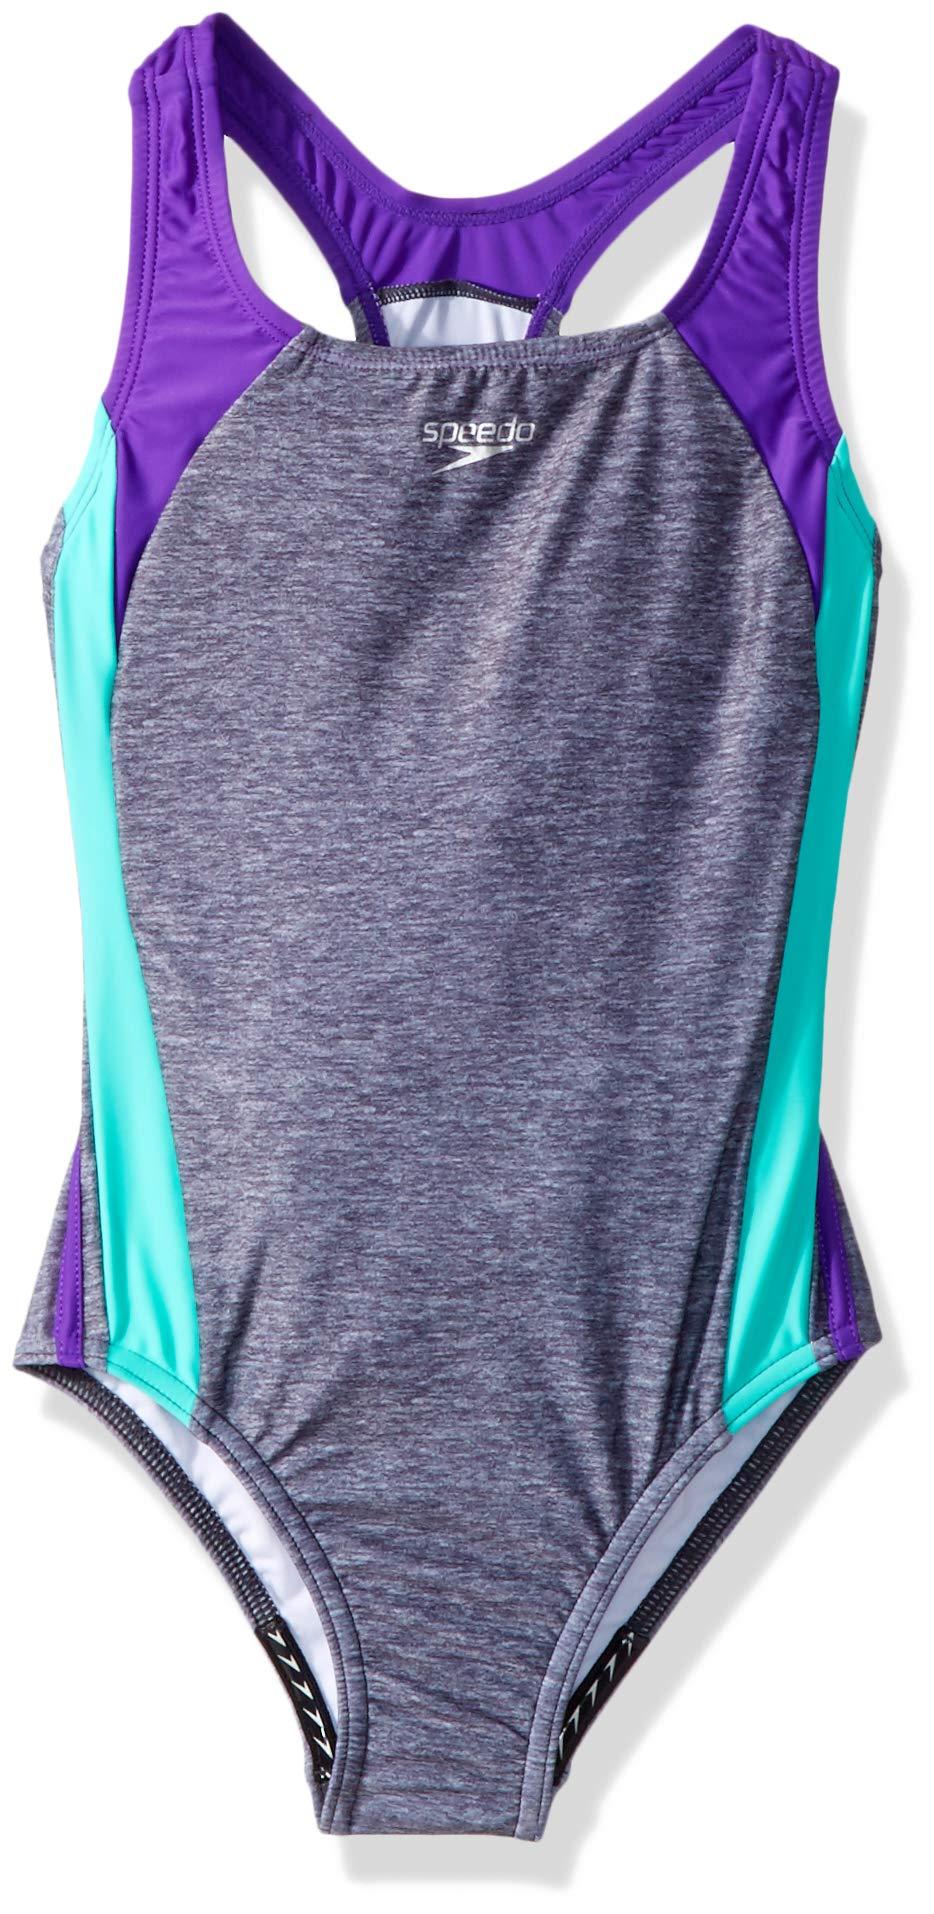 Speedo Solid Infinity Splice One Piece Swimsuit, Heather Grey, Size 7